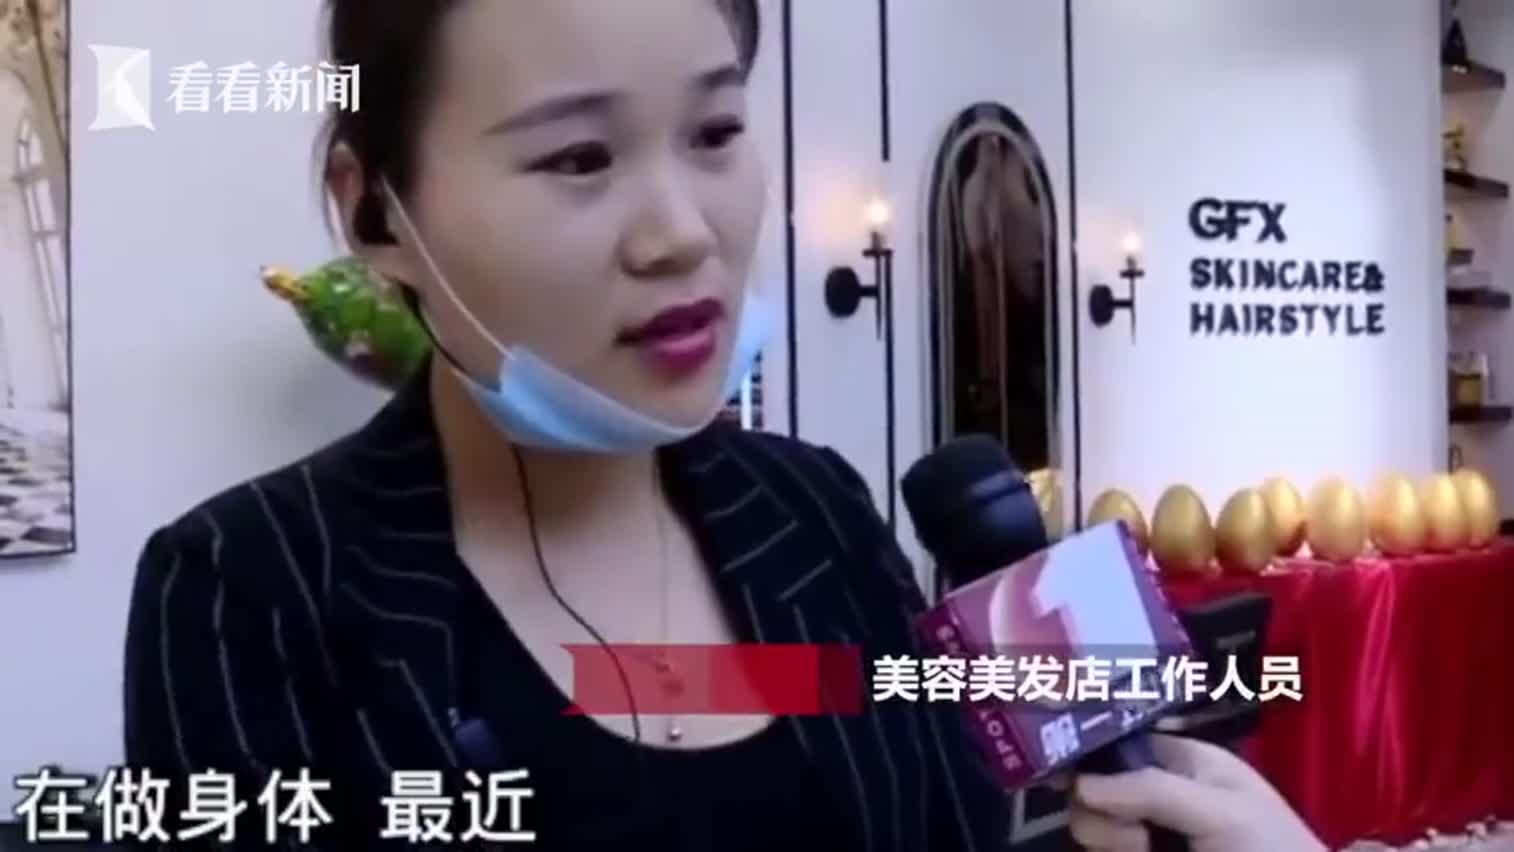 视频-男子美容店花10多万做保养 老婆:有不可告